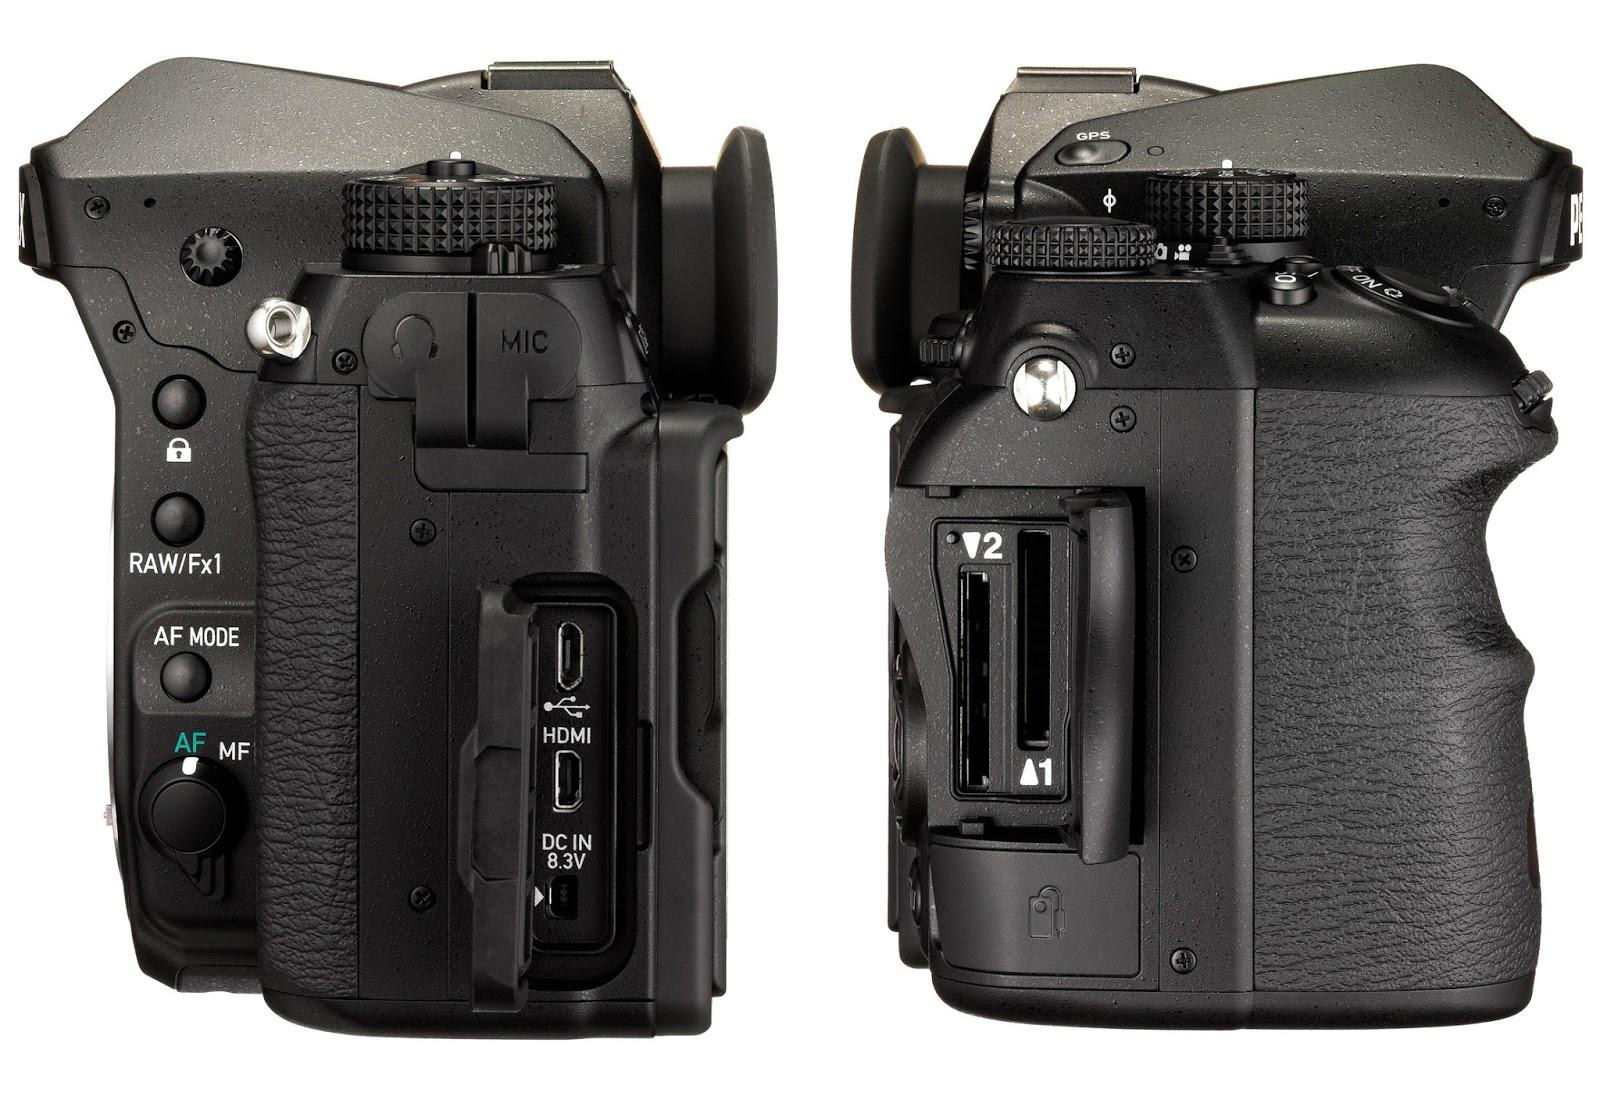 полнокадровые суперзум фотокамеры греции